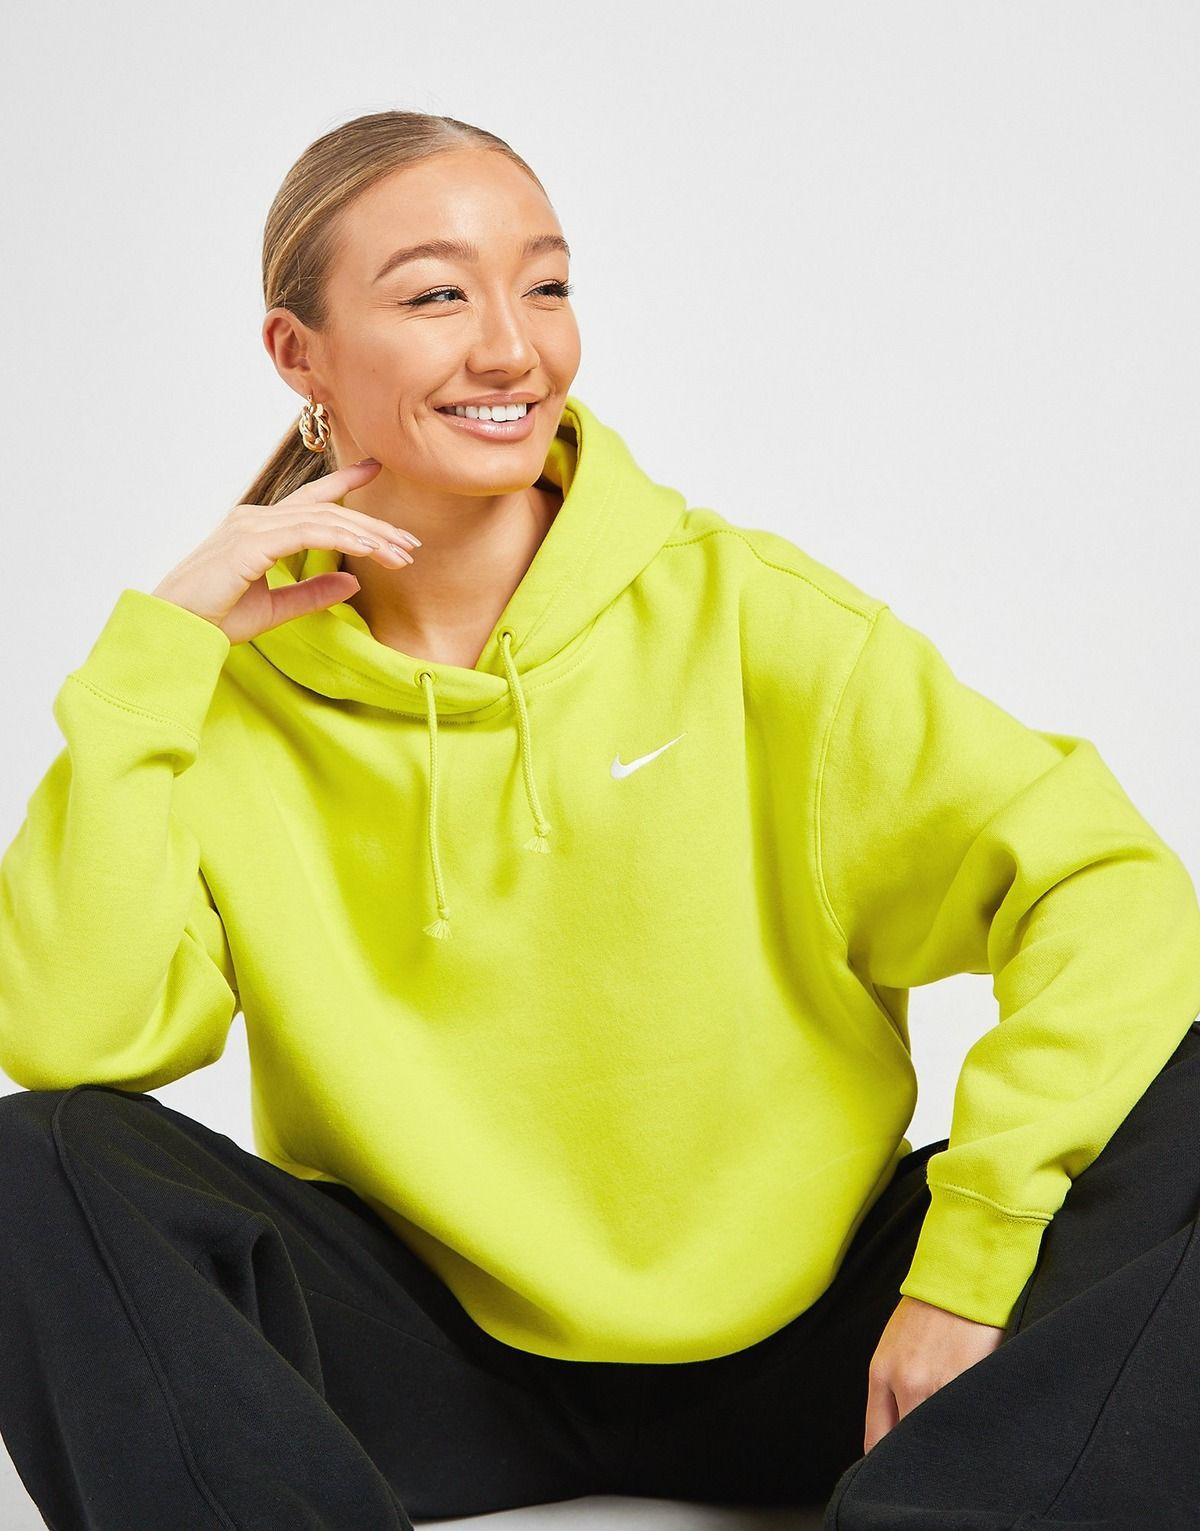 Nike Fleece Overhead Hoodie In 2021 Hoodies Lounge Wear Nike Fleece [ 1531 x 1200 Pixel ]